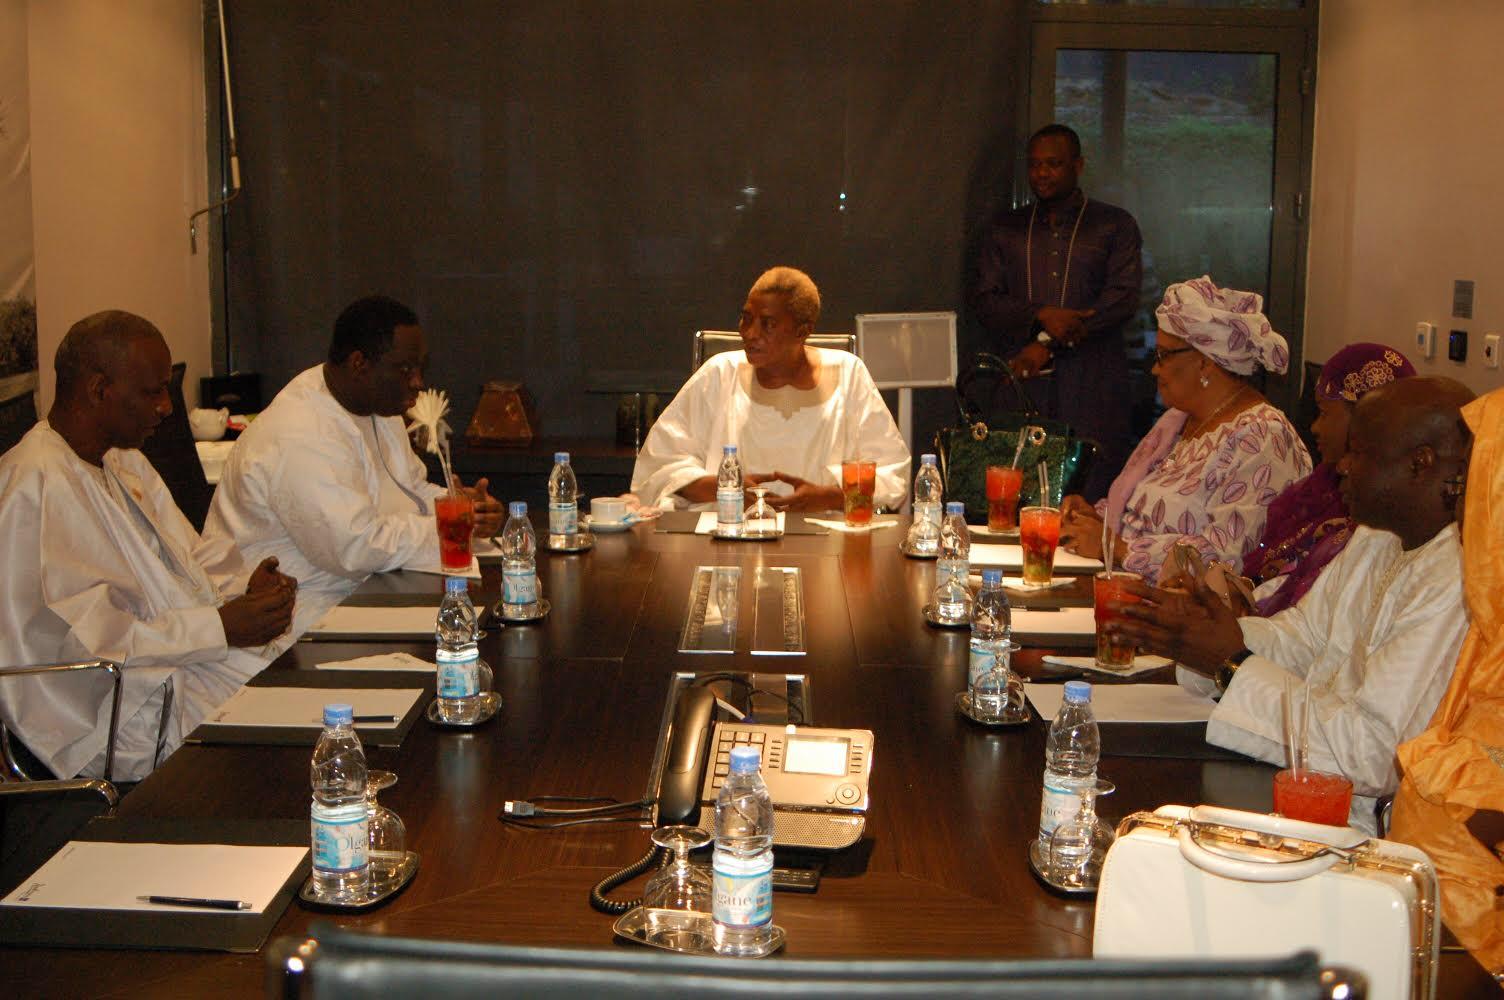 LÉGISLATIVES : BBY de Guédiawaye présente ses candidats à Serigne Abdou Karim Mbacké (IMAGES)